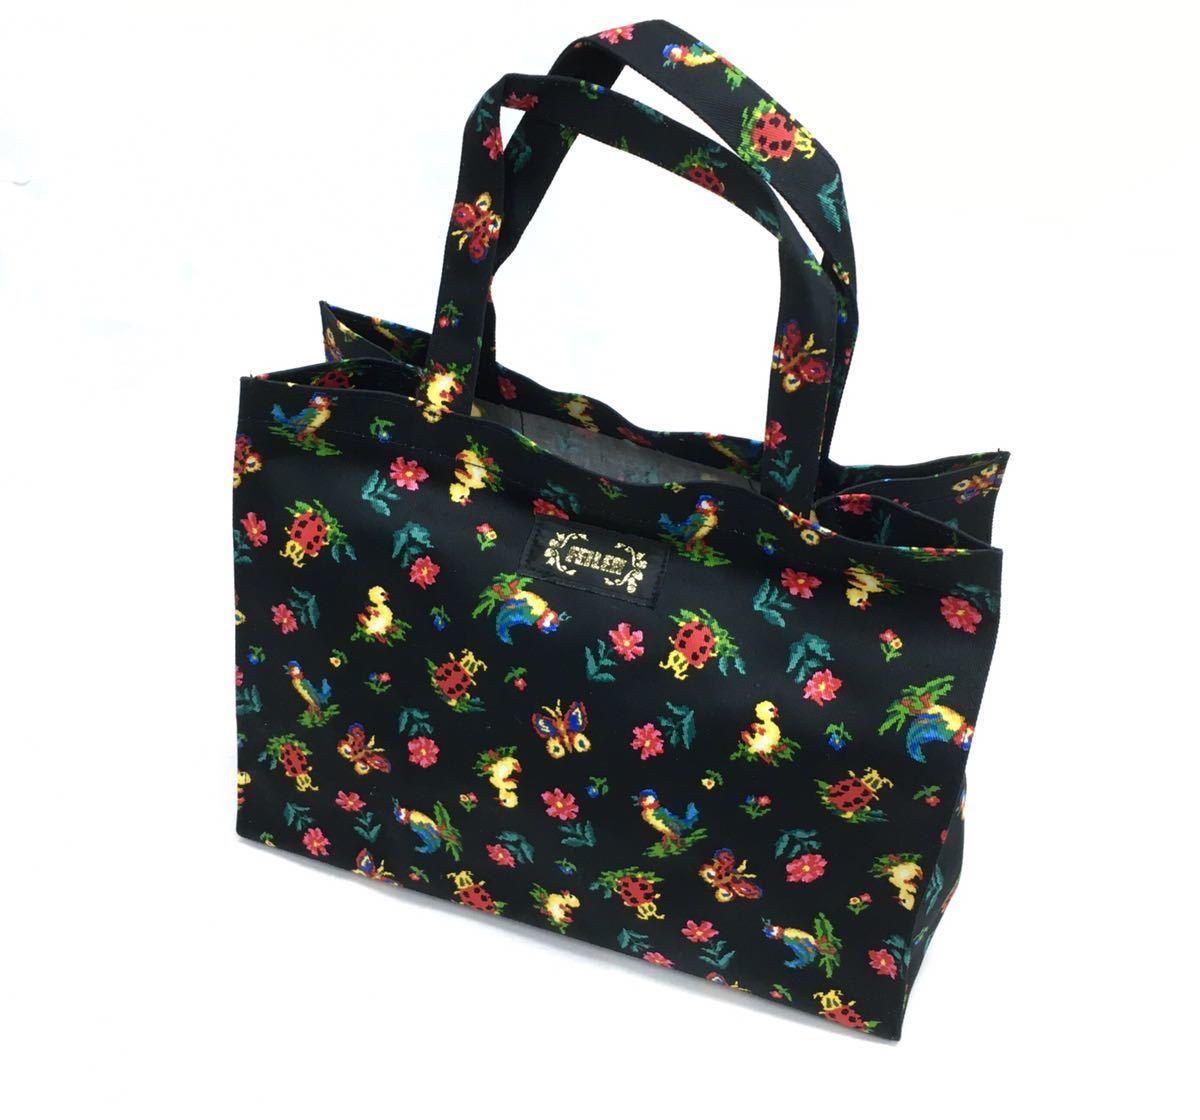 □ 未使用品【フェイラー】トートバッグ+ブック・布製・花柄・ランチバッグ・エコバッグ_画像2